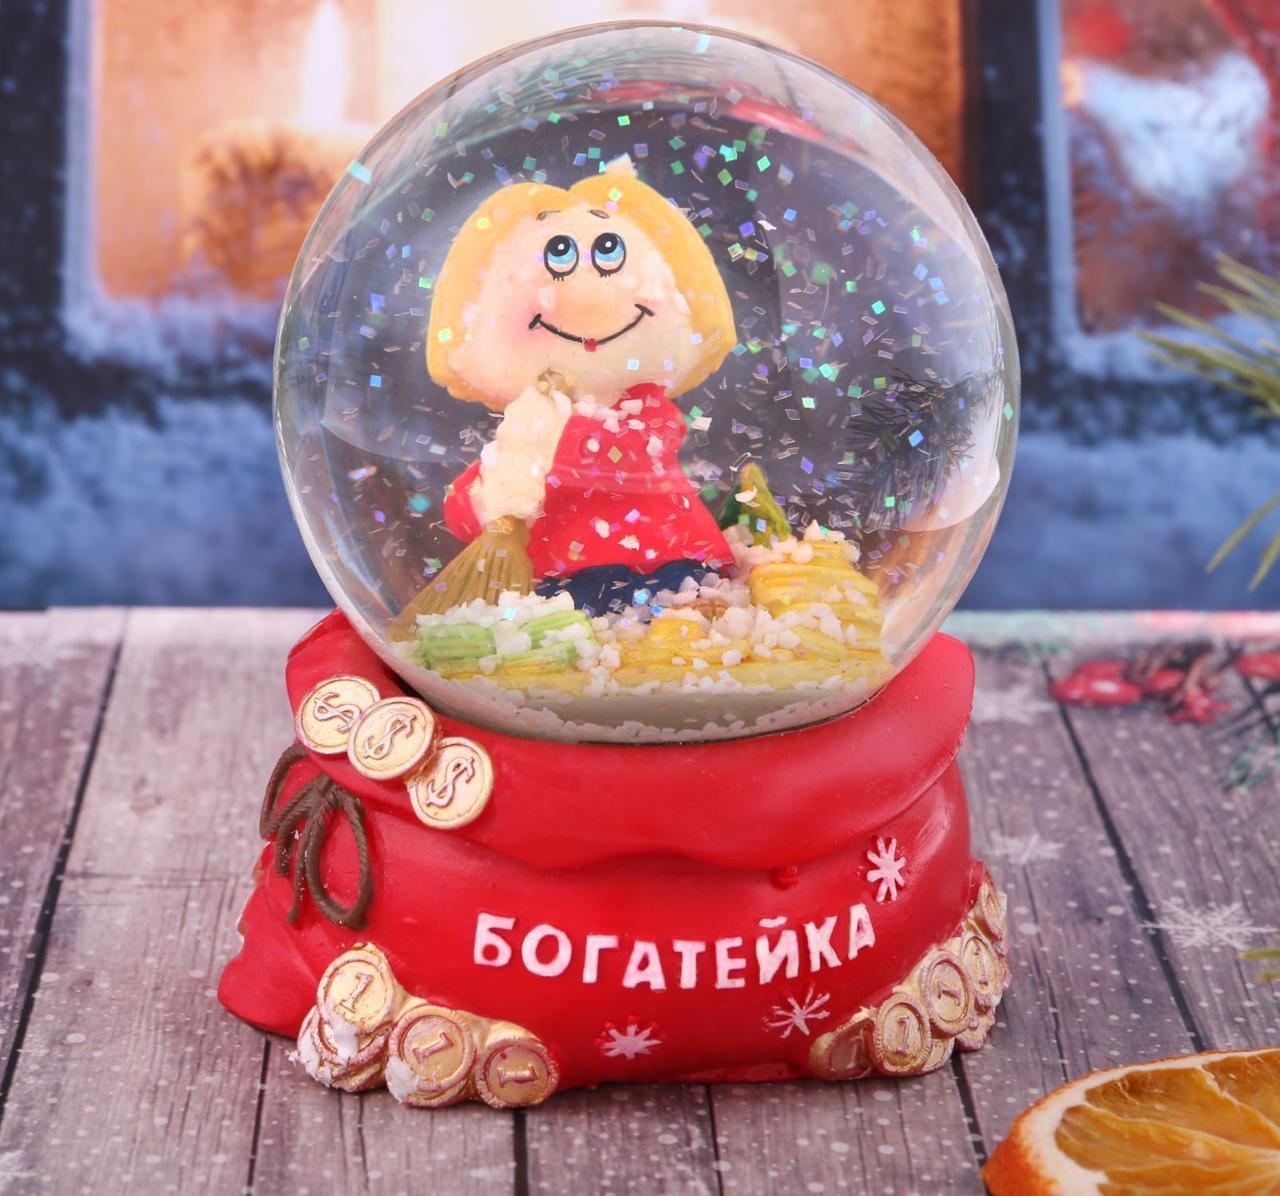 """Сувенир снежный шар """"Богатейка. Домовенок с метлой"""", d=8 см"""